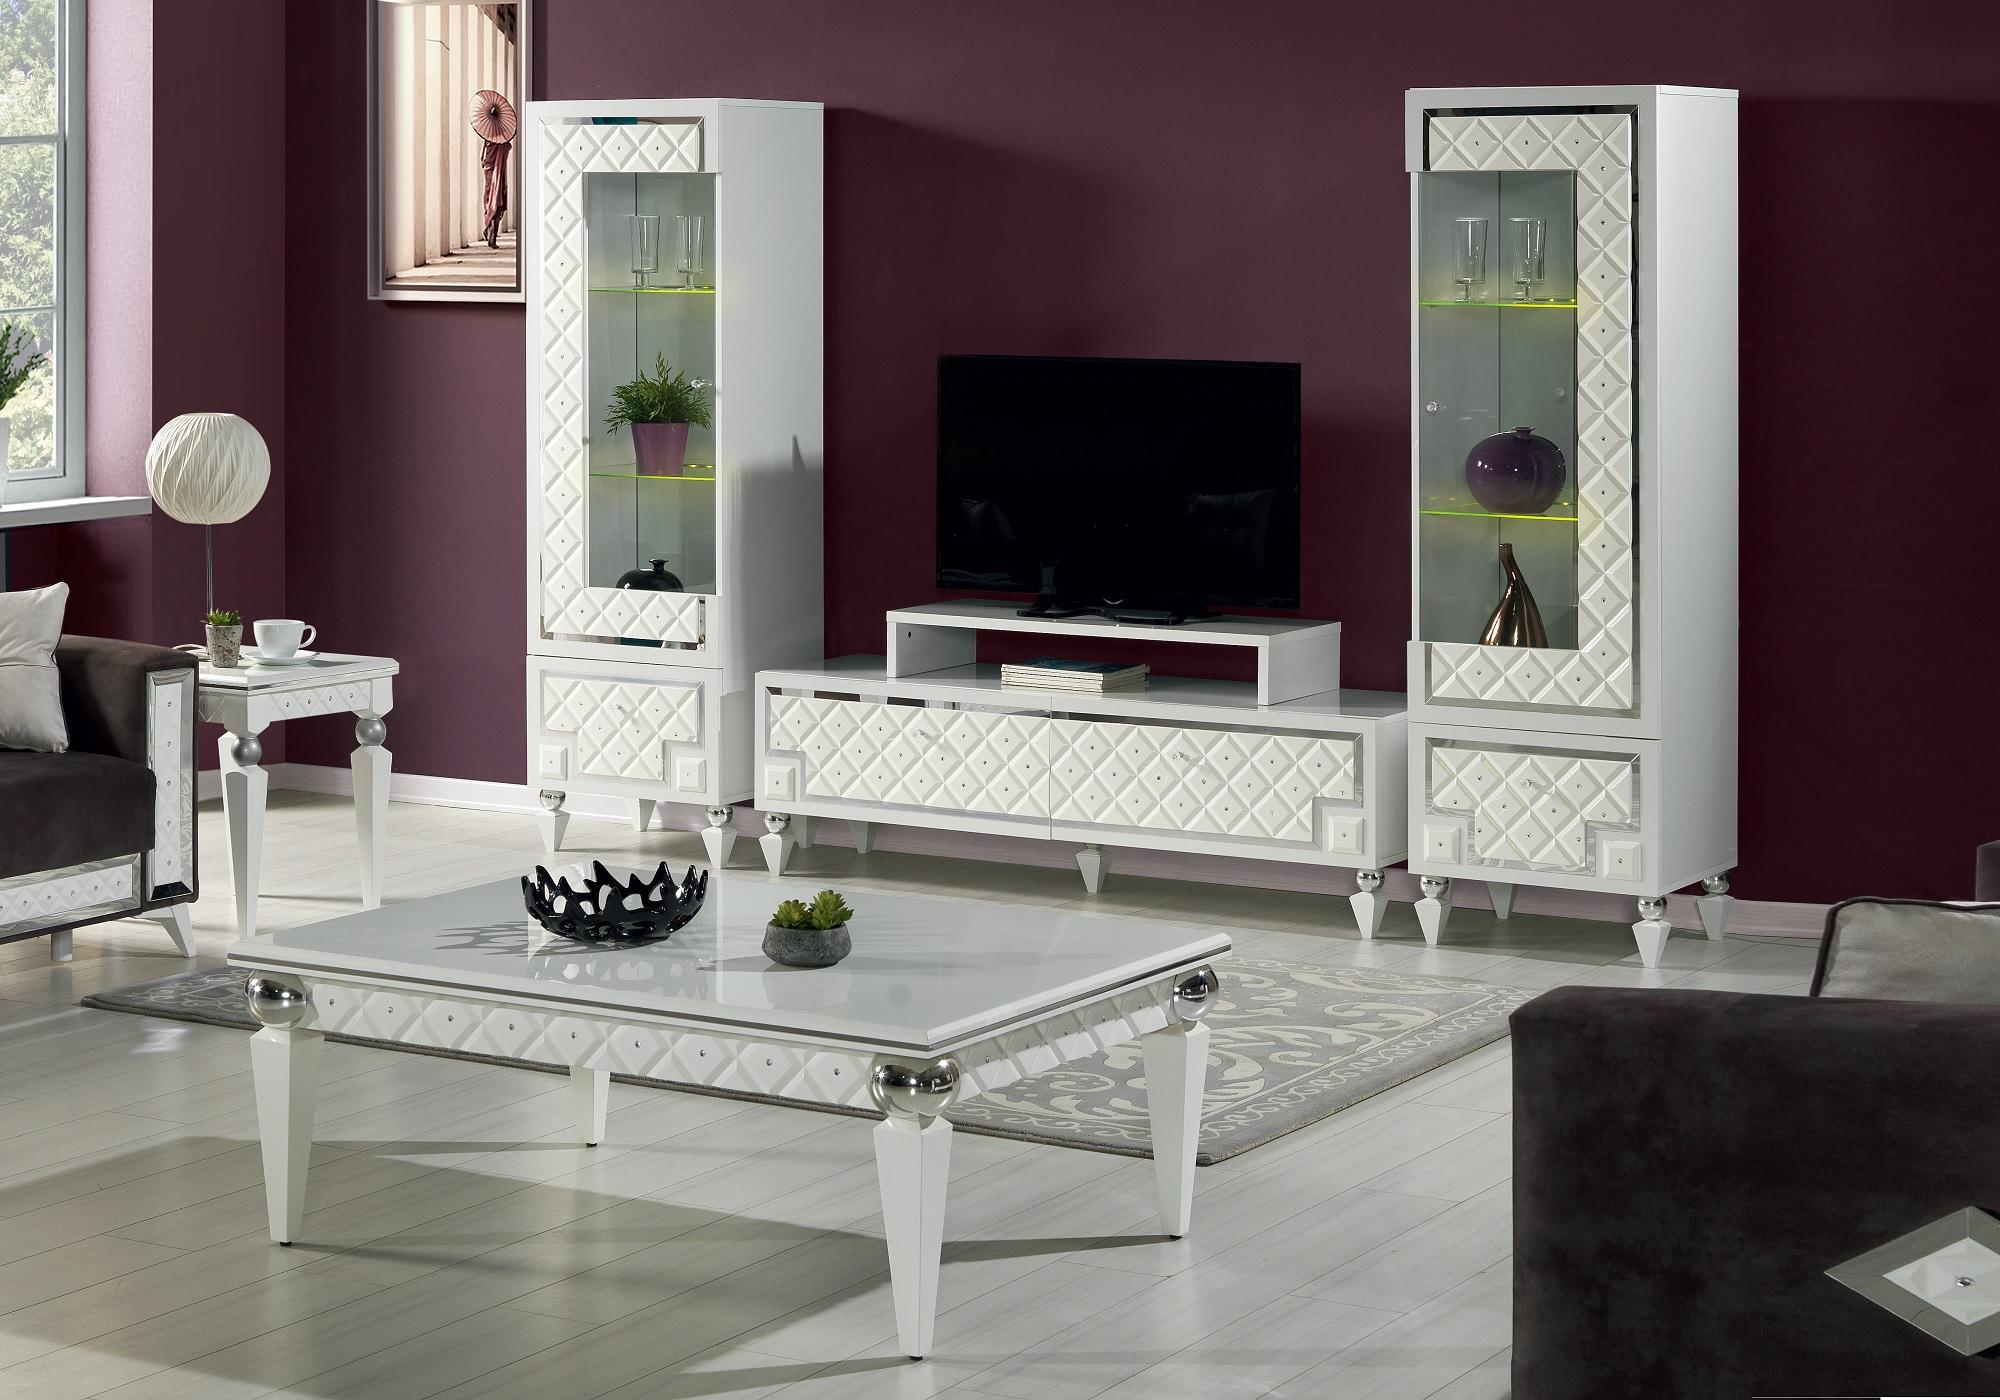 ensemble-mur-tv-baroque-cristal